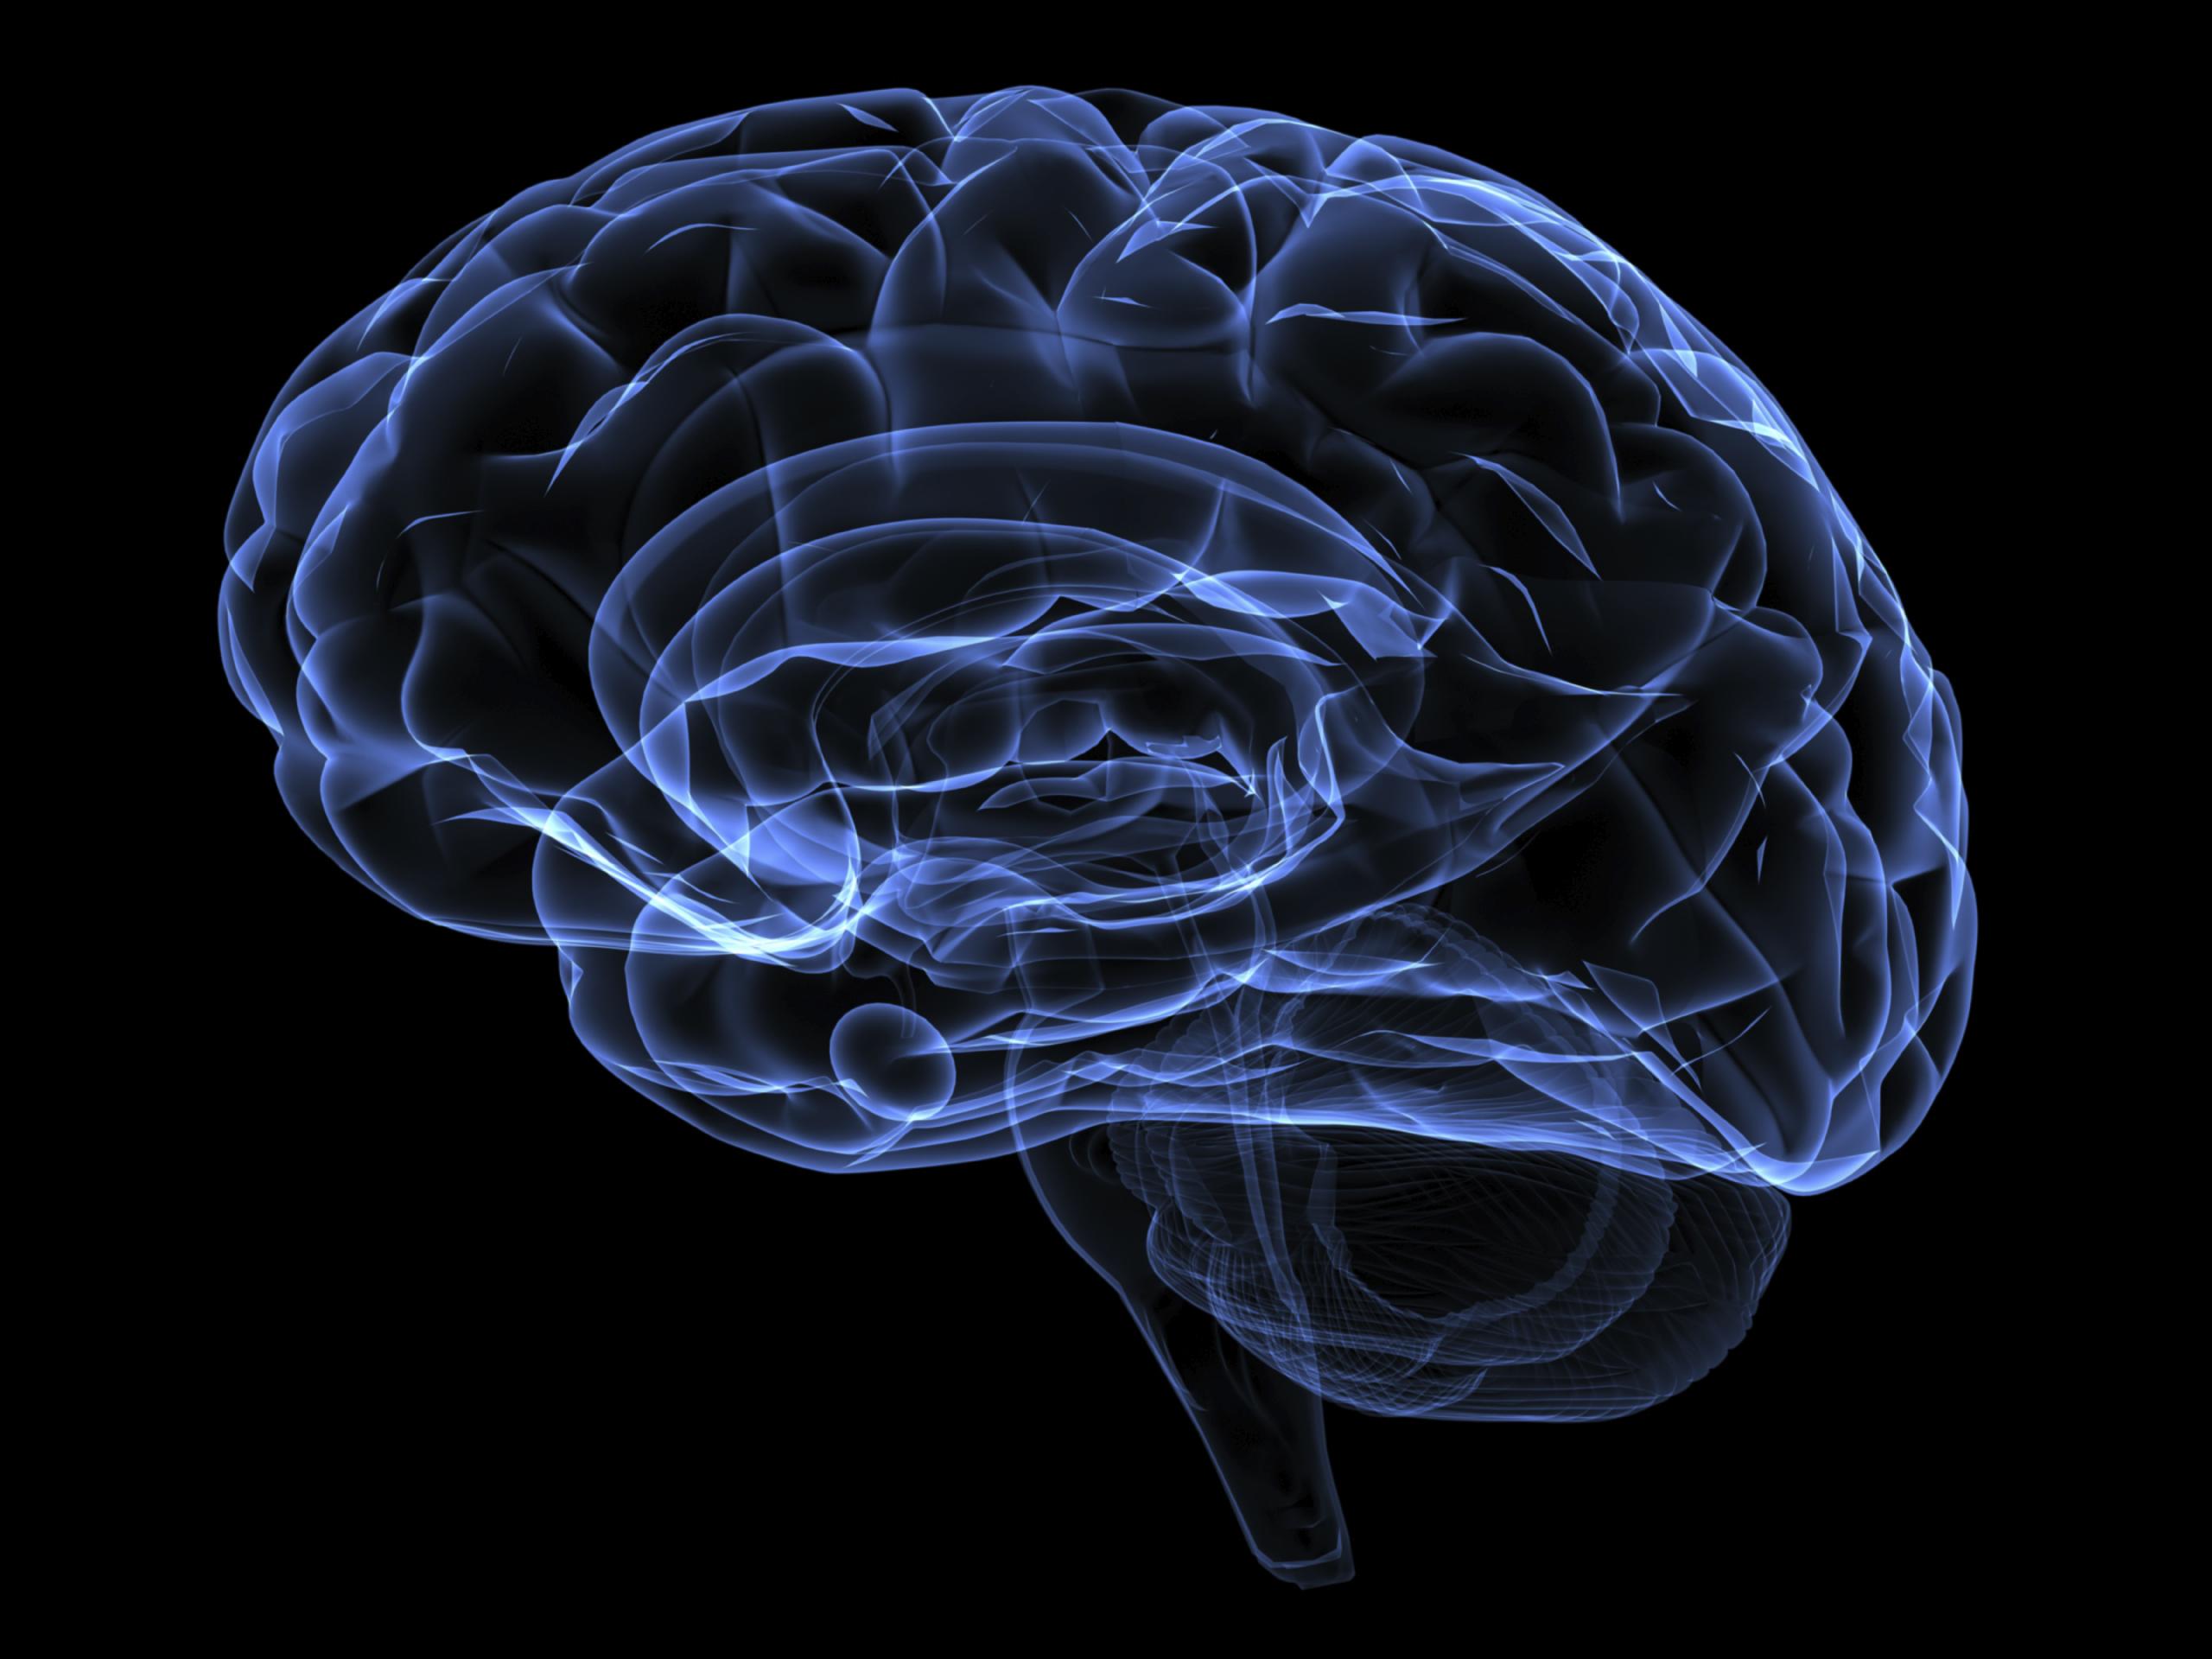 مغز انسان می تواند کل اینترنت را در خود جای دهد